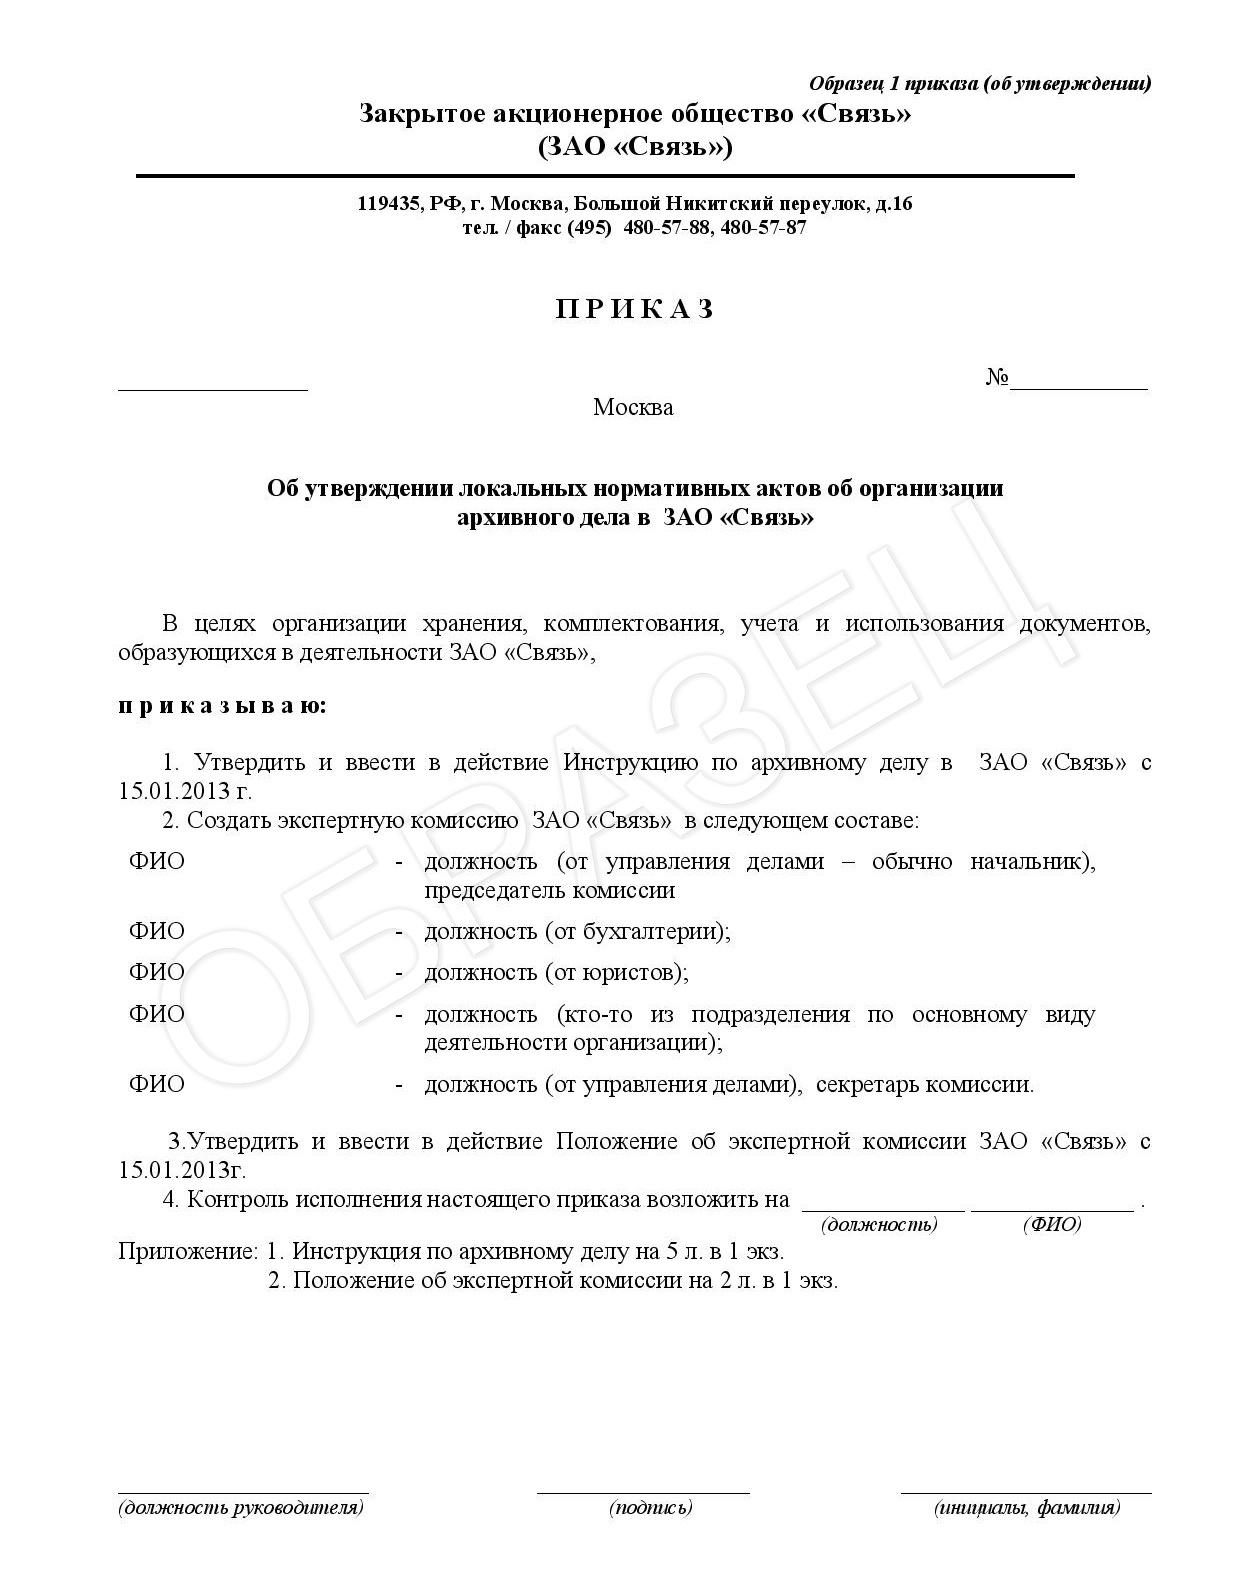 Образцы и бланки приказов 2020 года